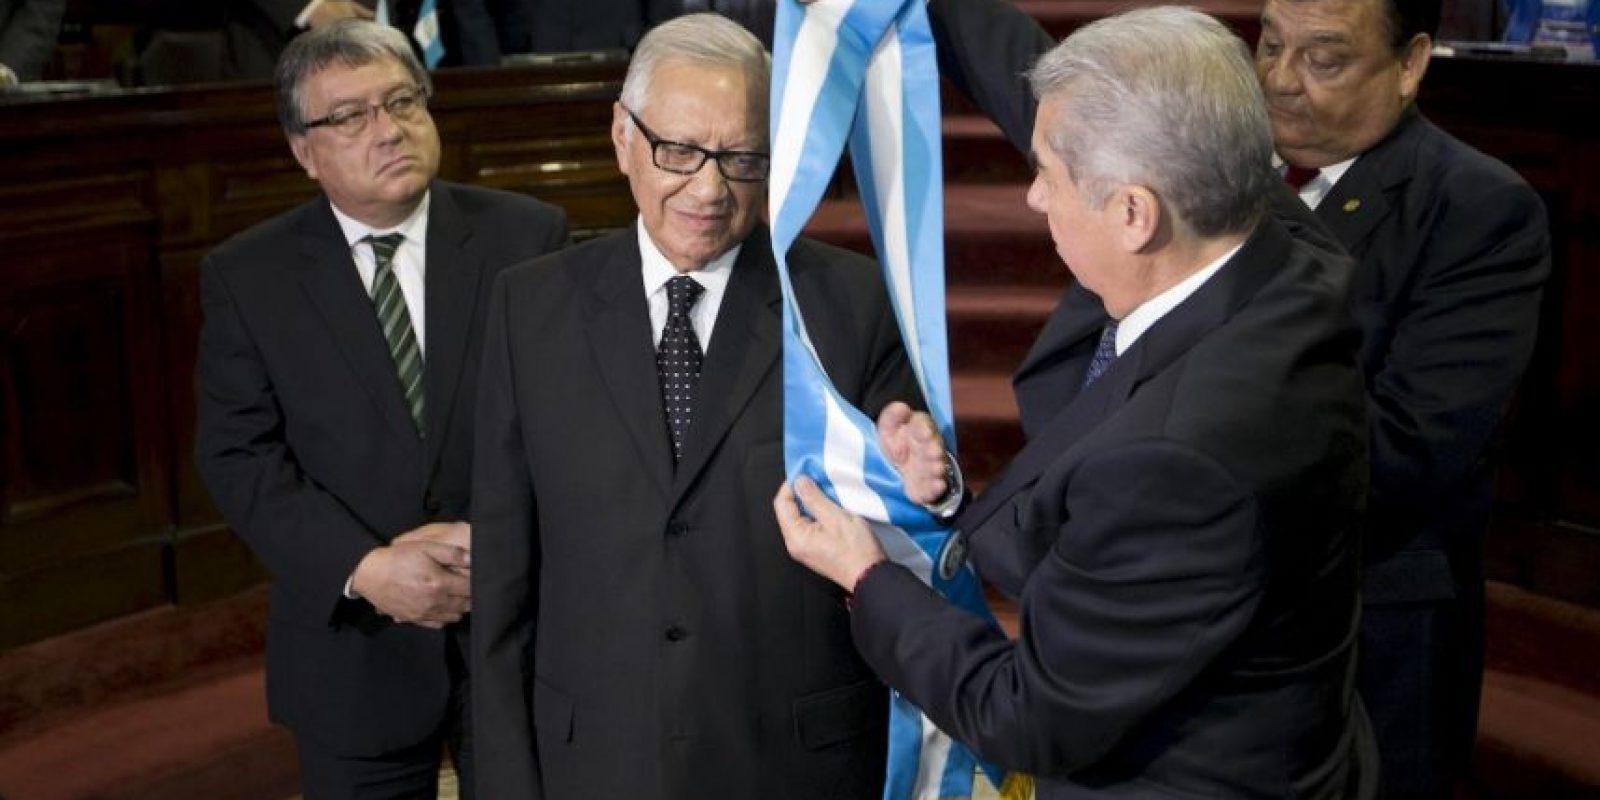 Y por el cual se nombró como presidente interino al Vicepresidente Alejandro Maldonado. Foto:AP